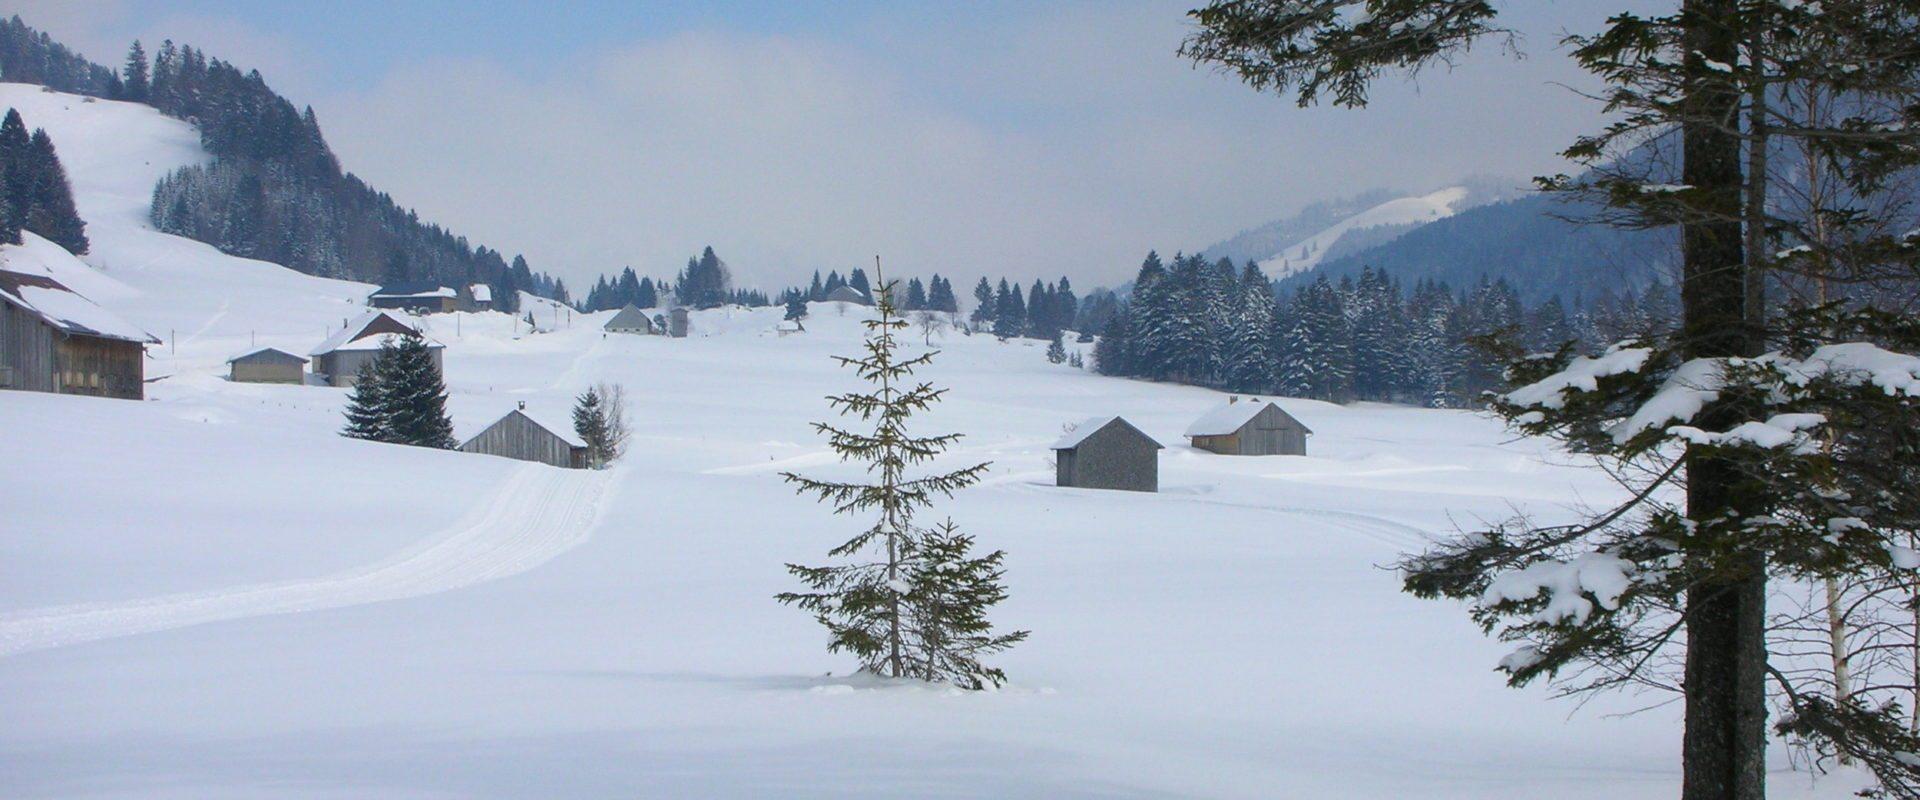 Winterwandern Hittisau-Sippersegg © Rudolf Berchtel / Bregenzerwald Tourismus GmbH